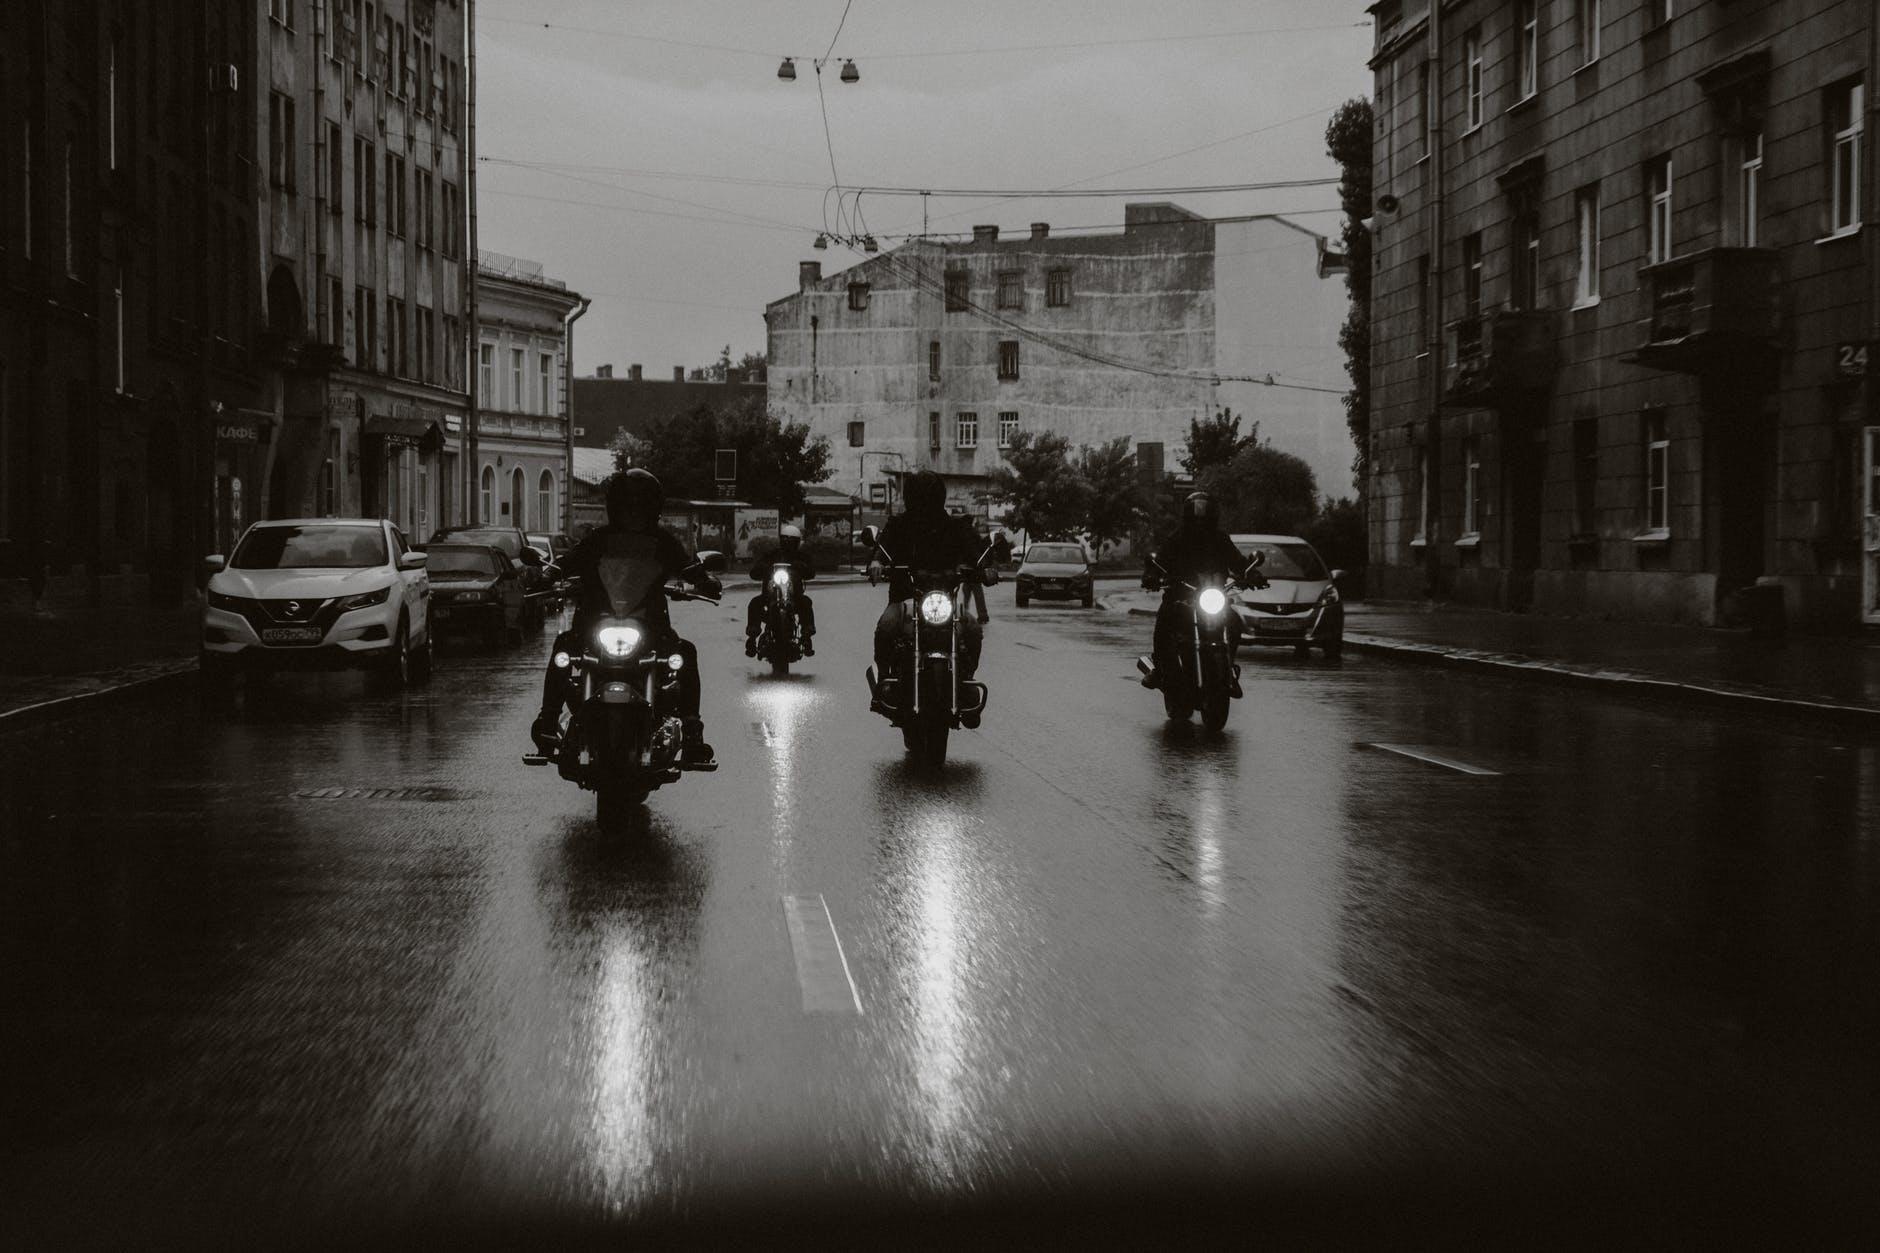 Le partage de la route entre automobilistes et motocyclistes est une responsabilité qui revient à tous. Source: https://www.pexels.com/fr-fr/